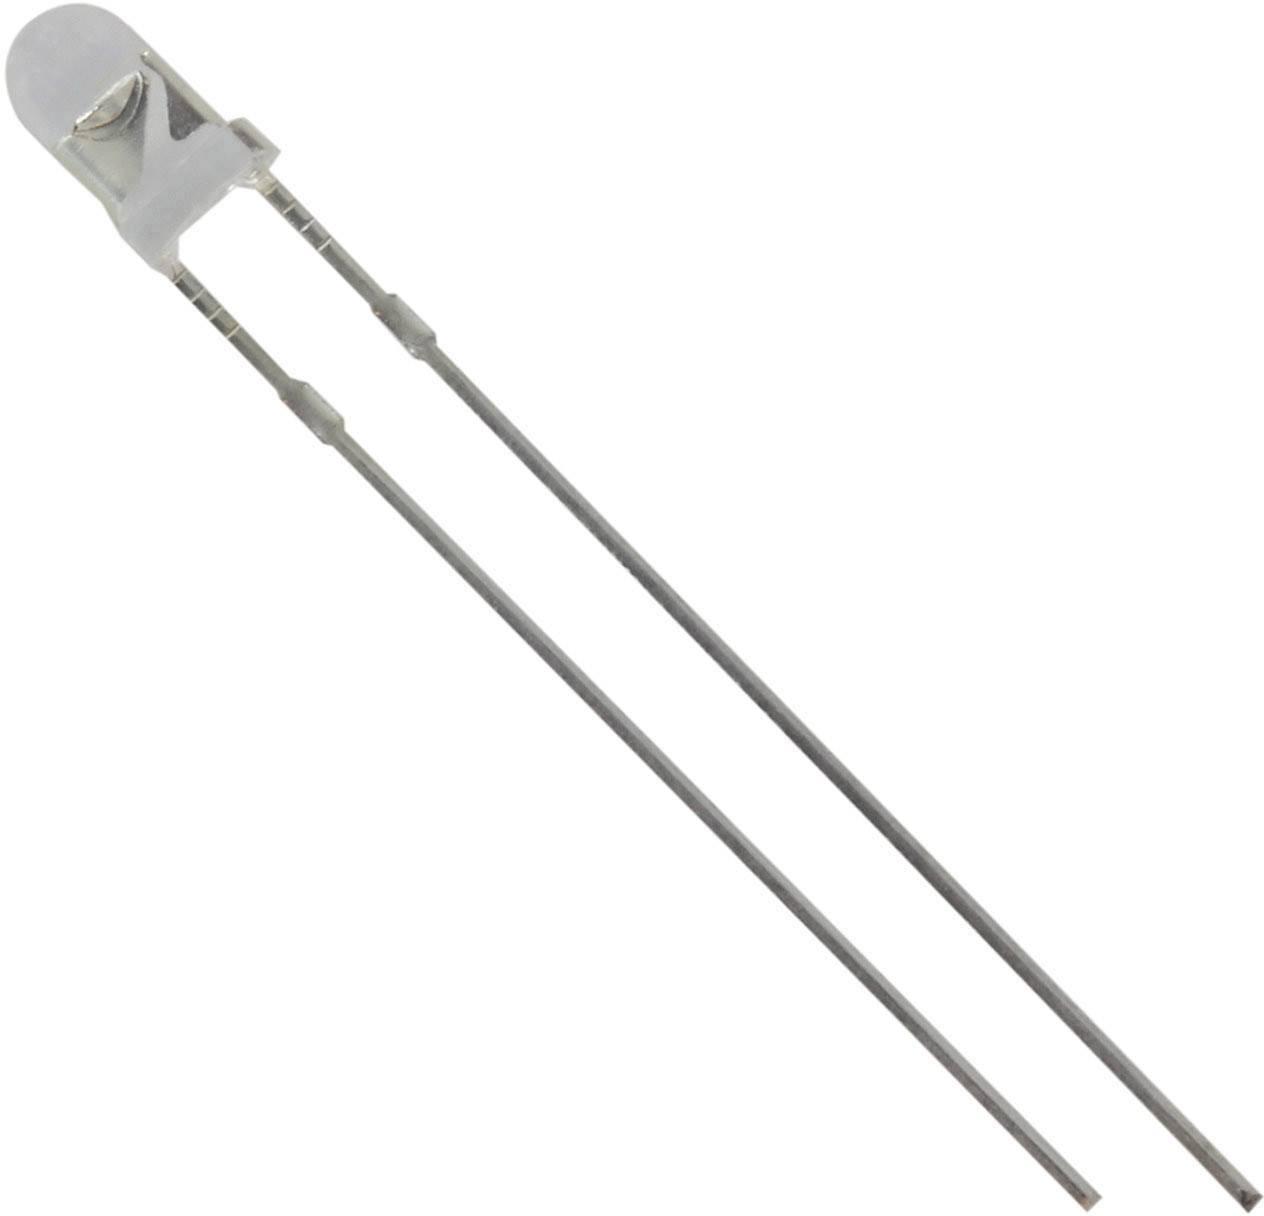 LED s vývody HuiYuan 3004G6C-DSA-S, typ čočky kulatý, 3 mm, 40 °, 20 mA, 800 mcd, 2.1 V, zelená